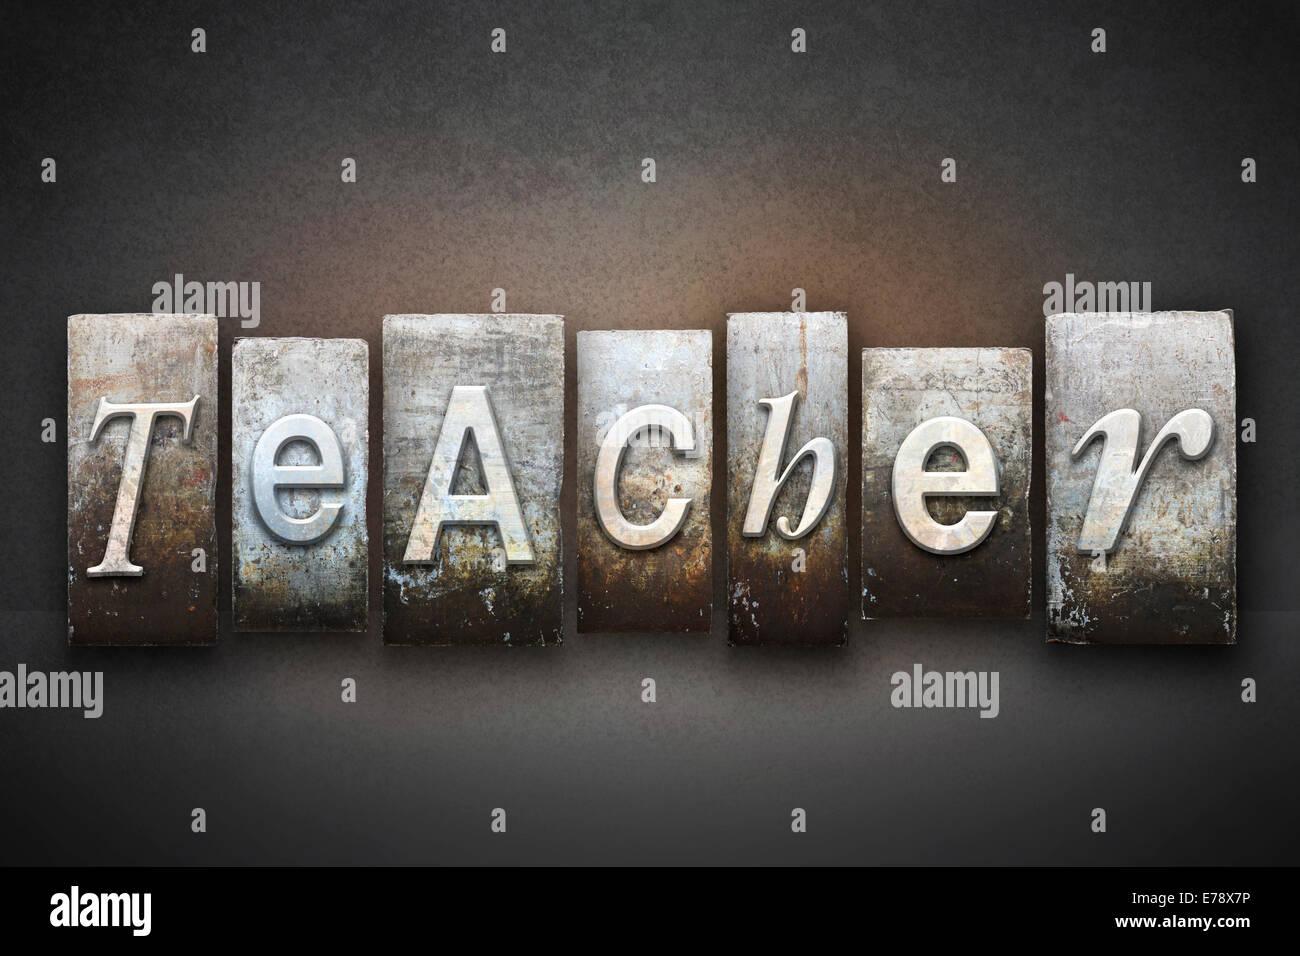 La palabra Maestro escritos en tipografía vintage Imagen De Stock